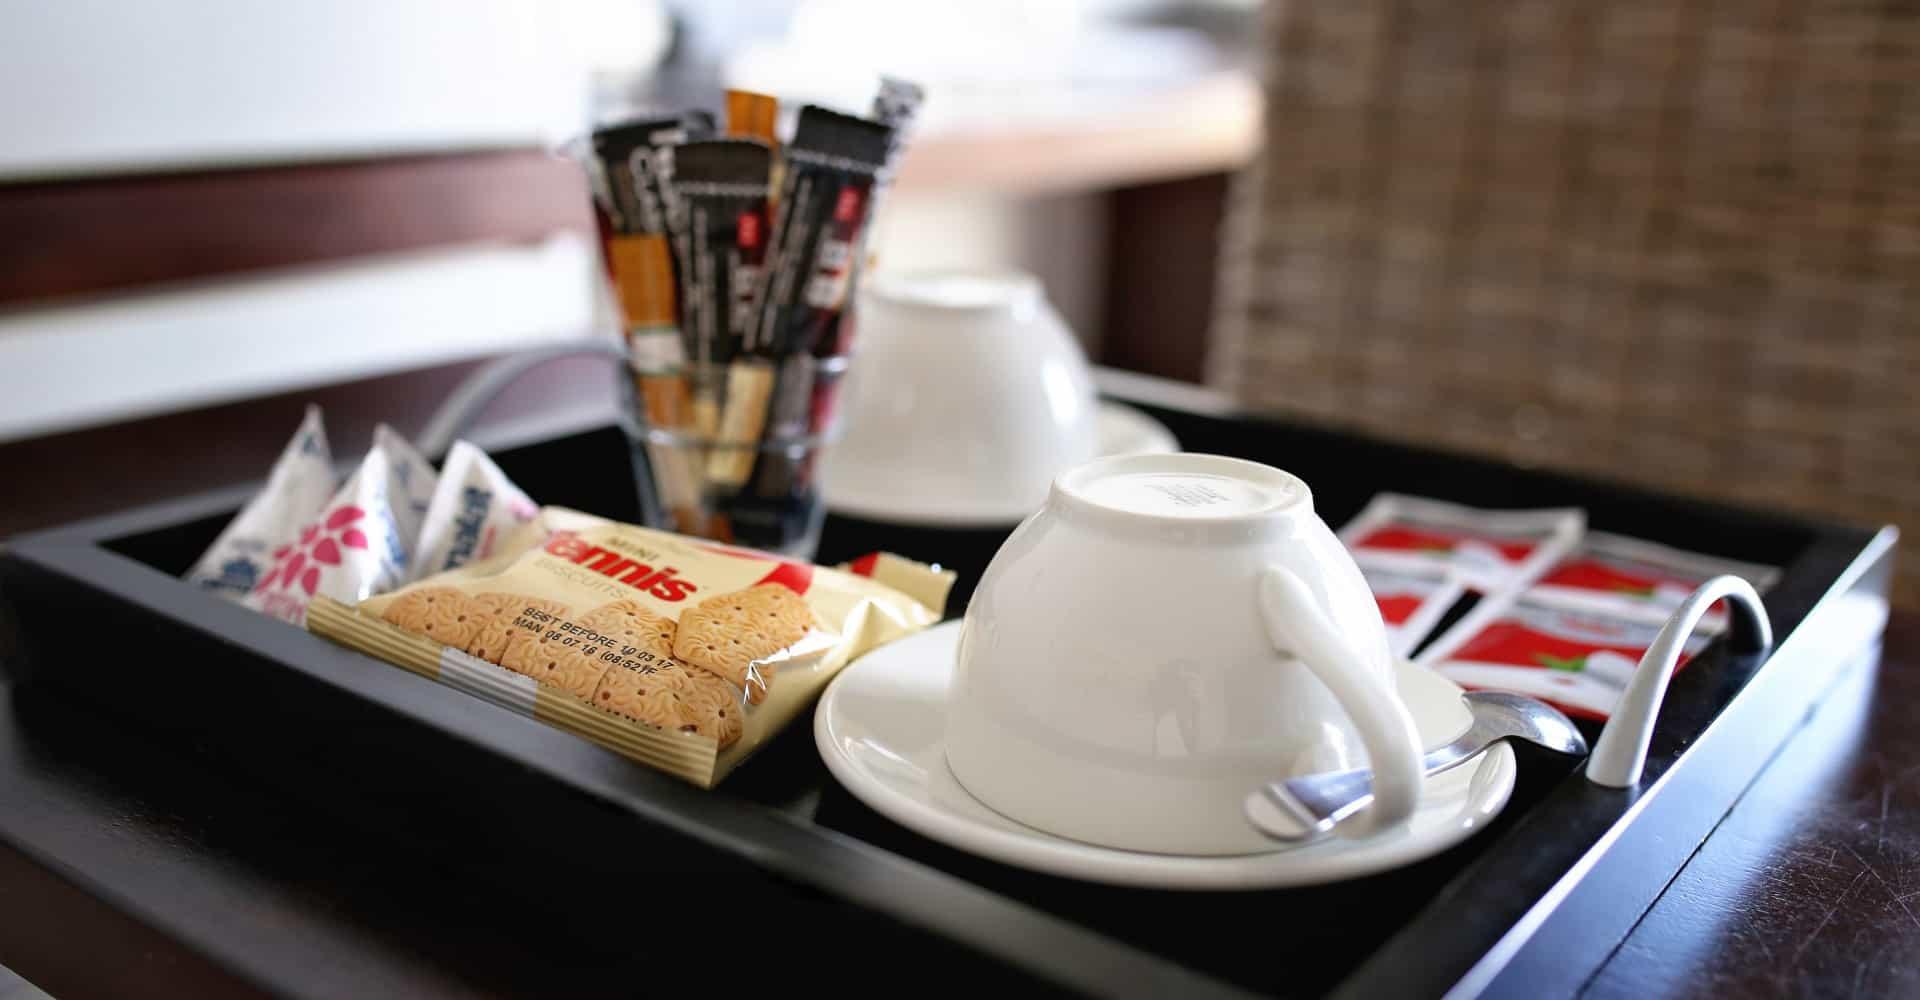 Kaffee und Tee zur Zubereitung im Appartement - coffee and tee to prepare at wish